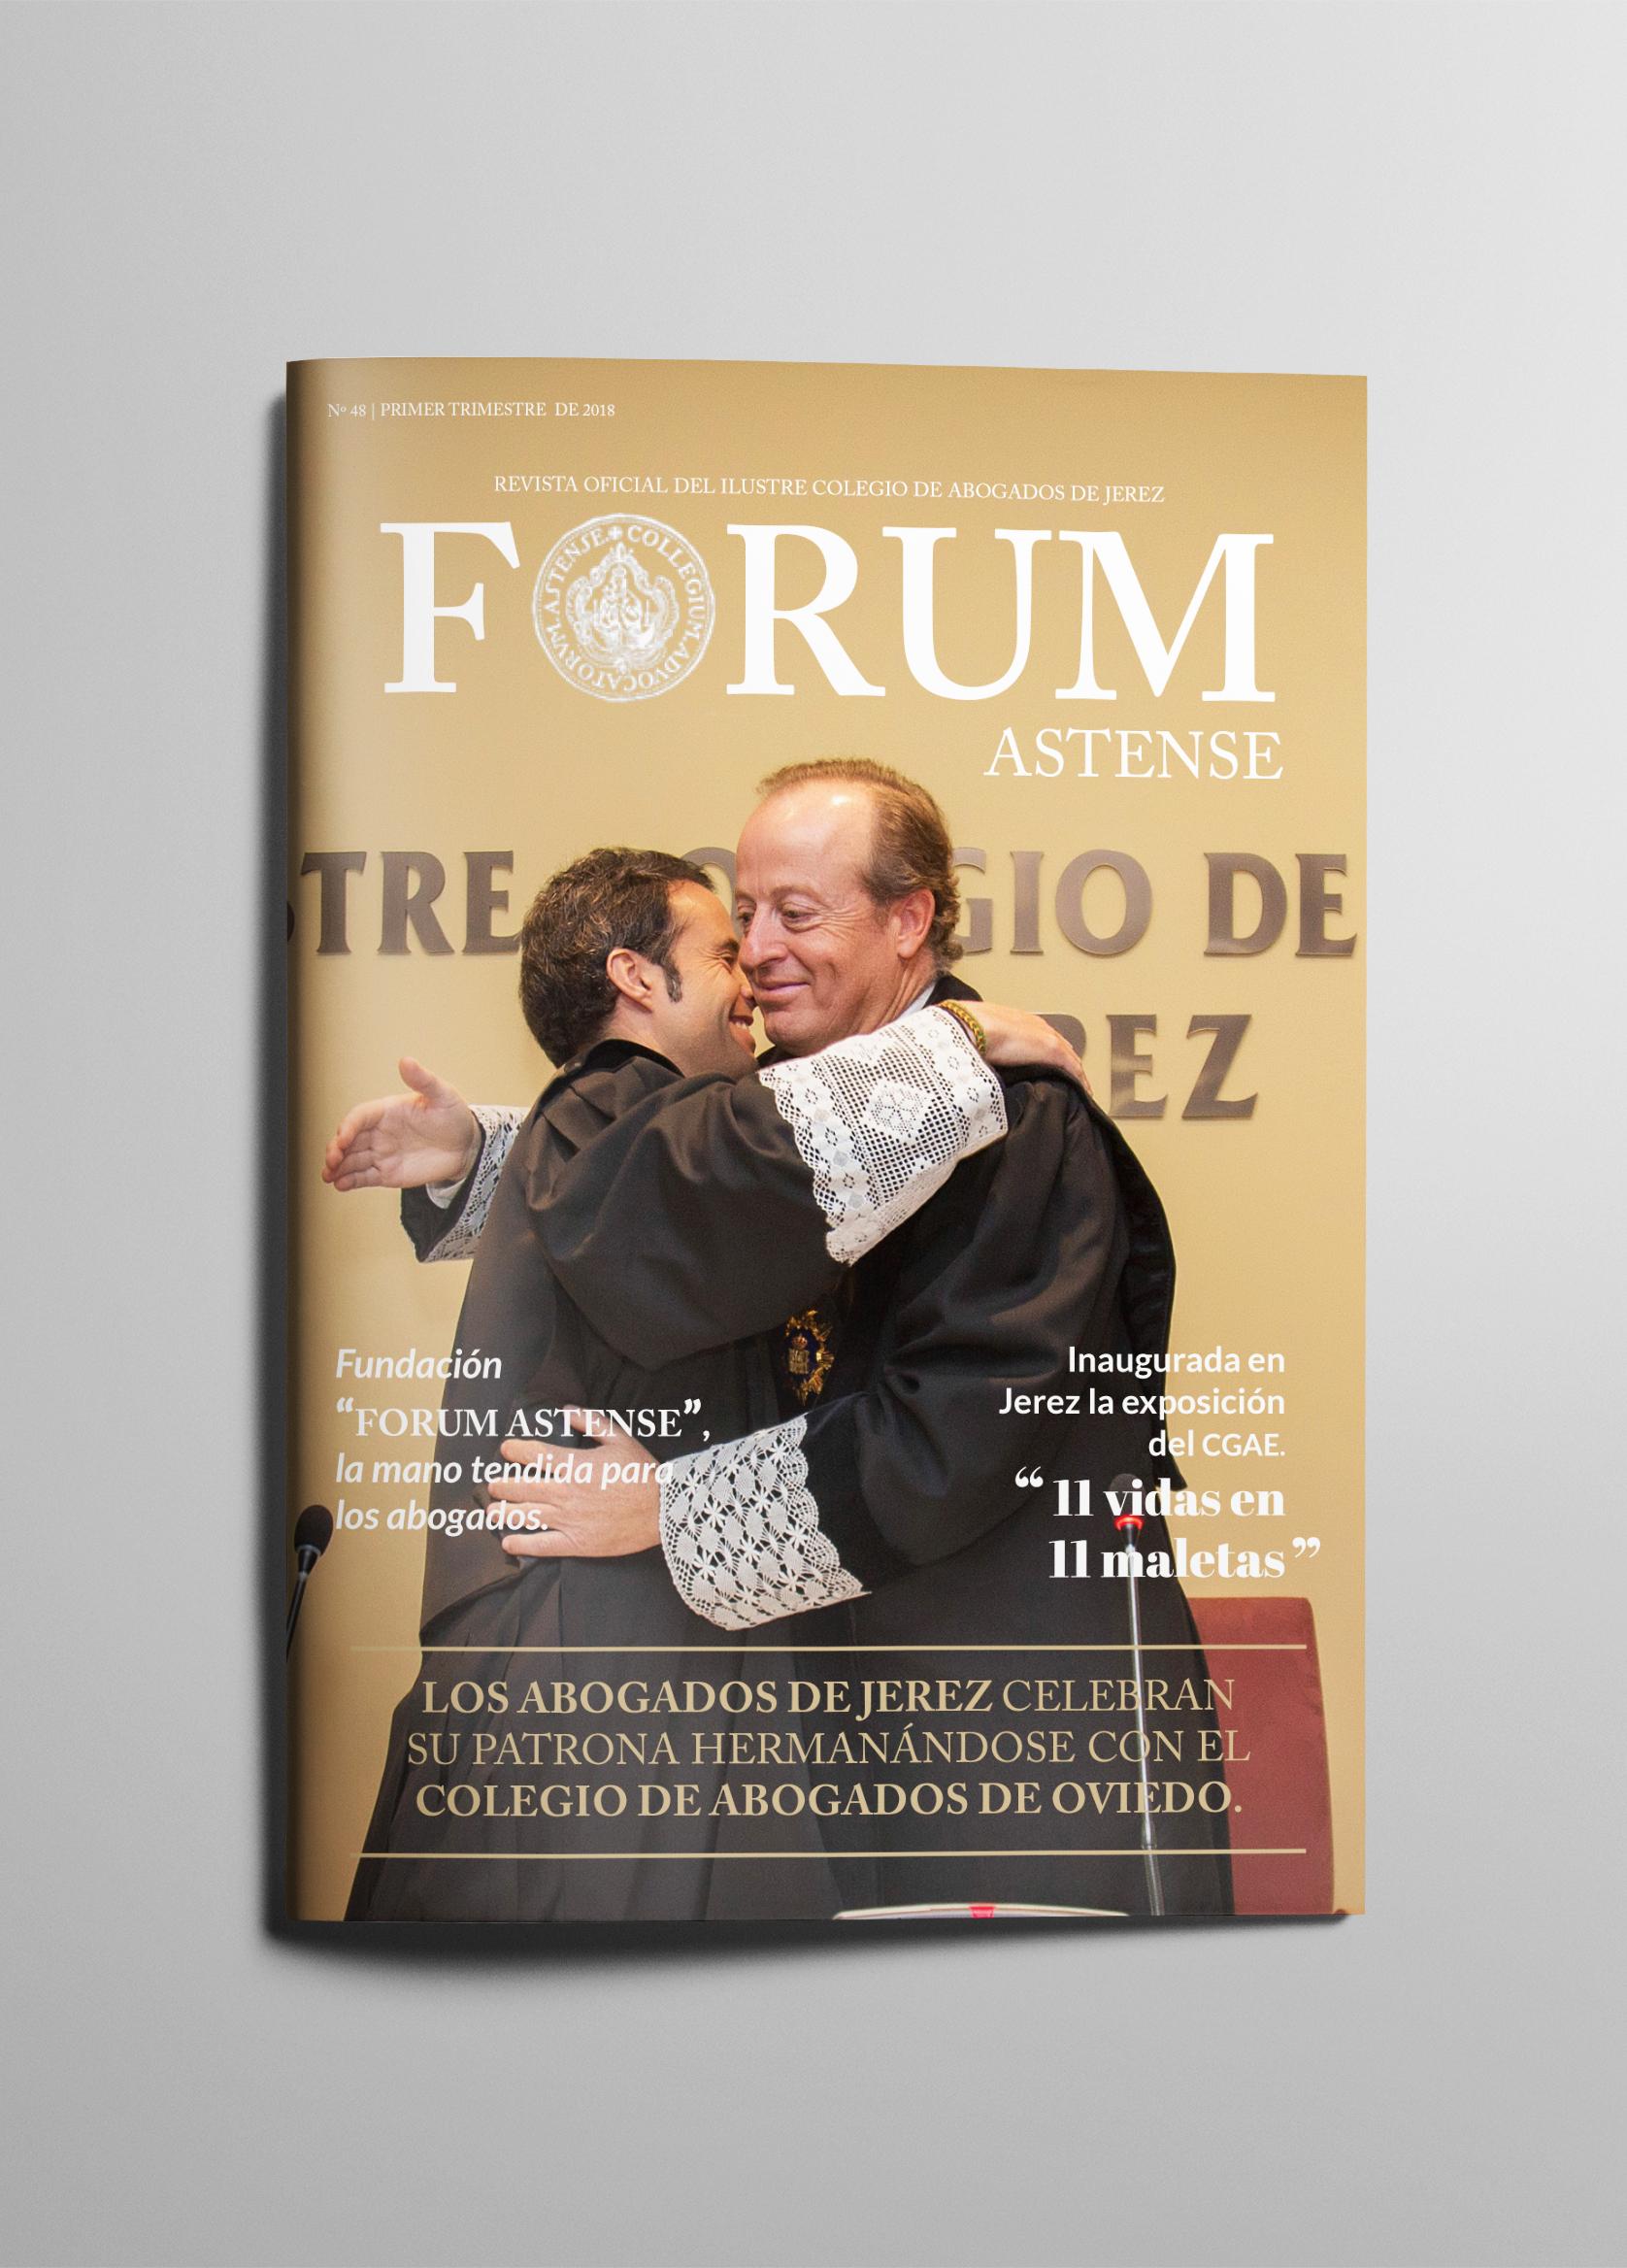 Nueva Maquetación Y Diseño Editorial Para Forum Astense.